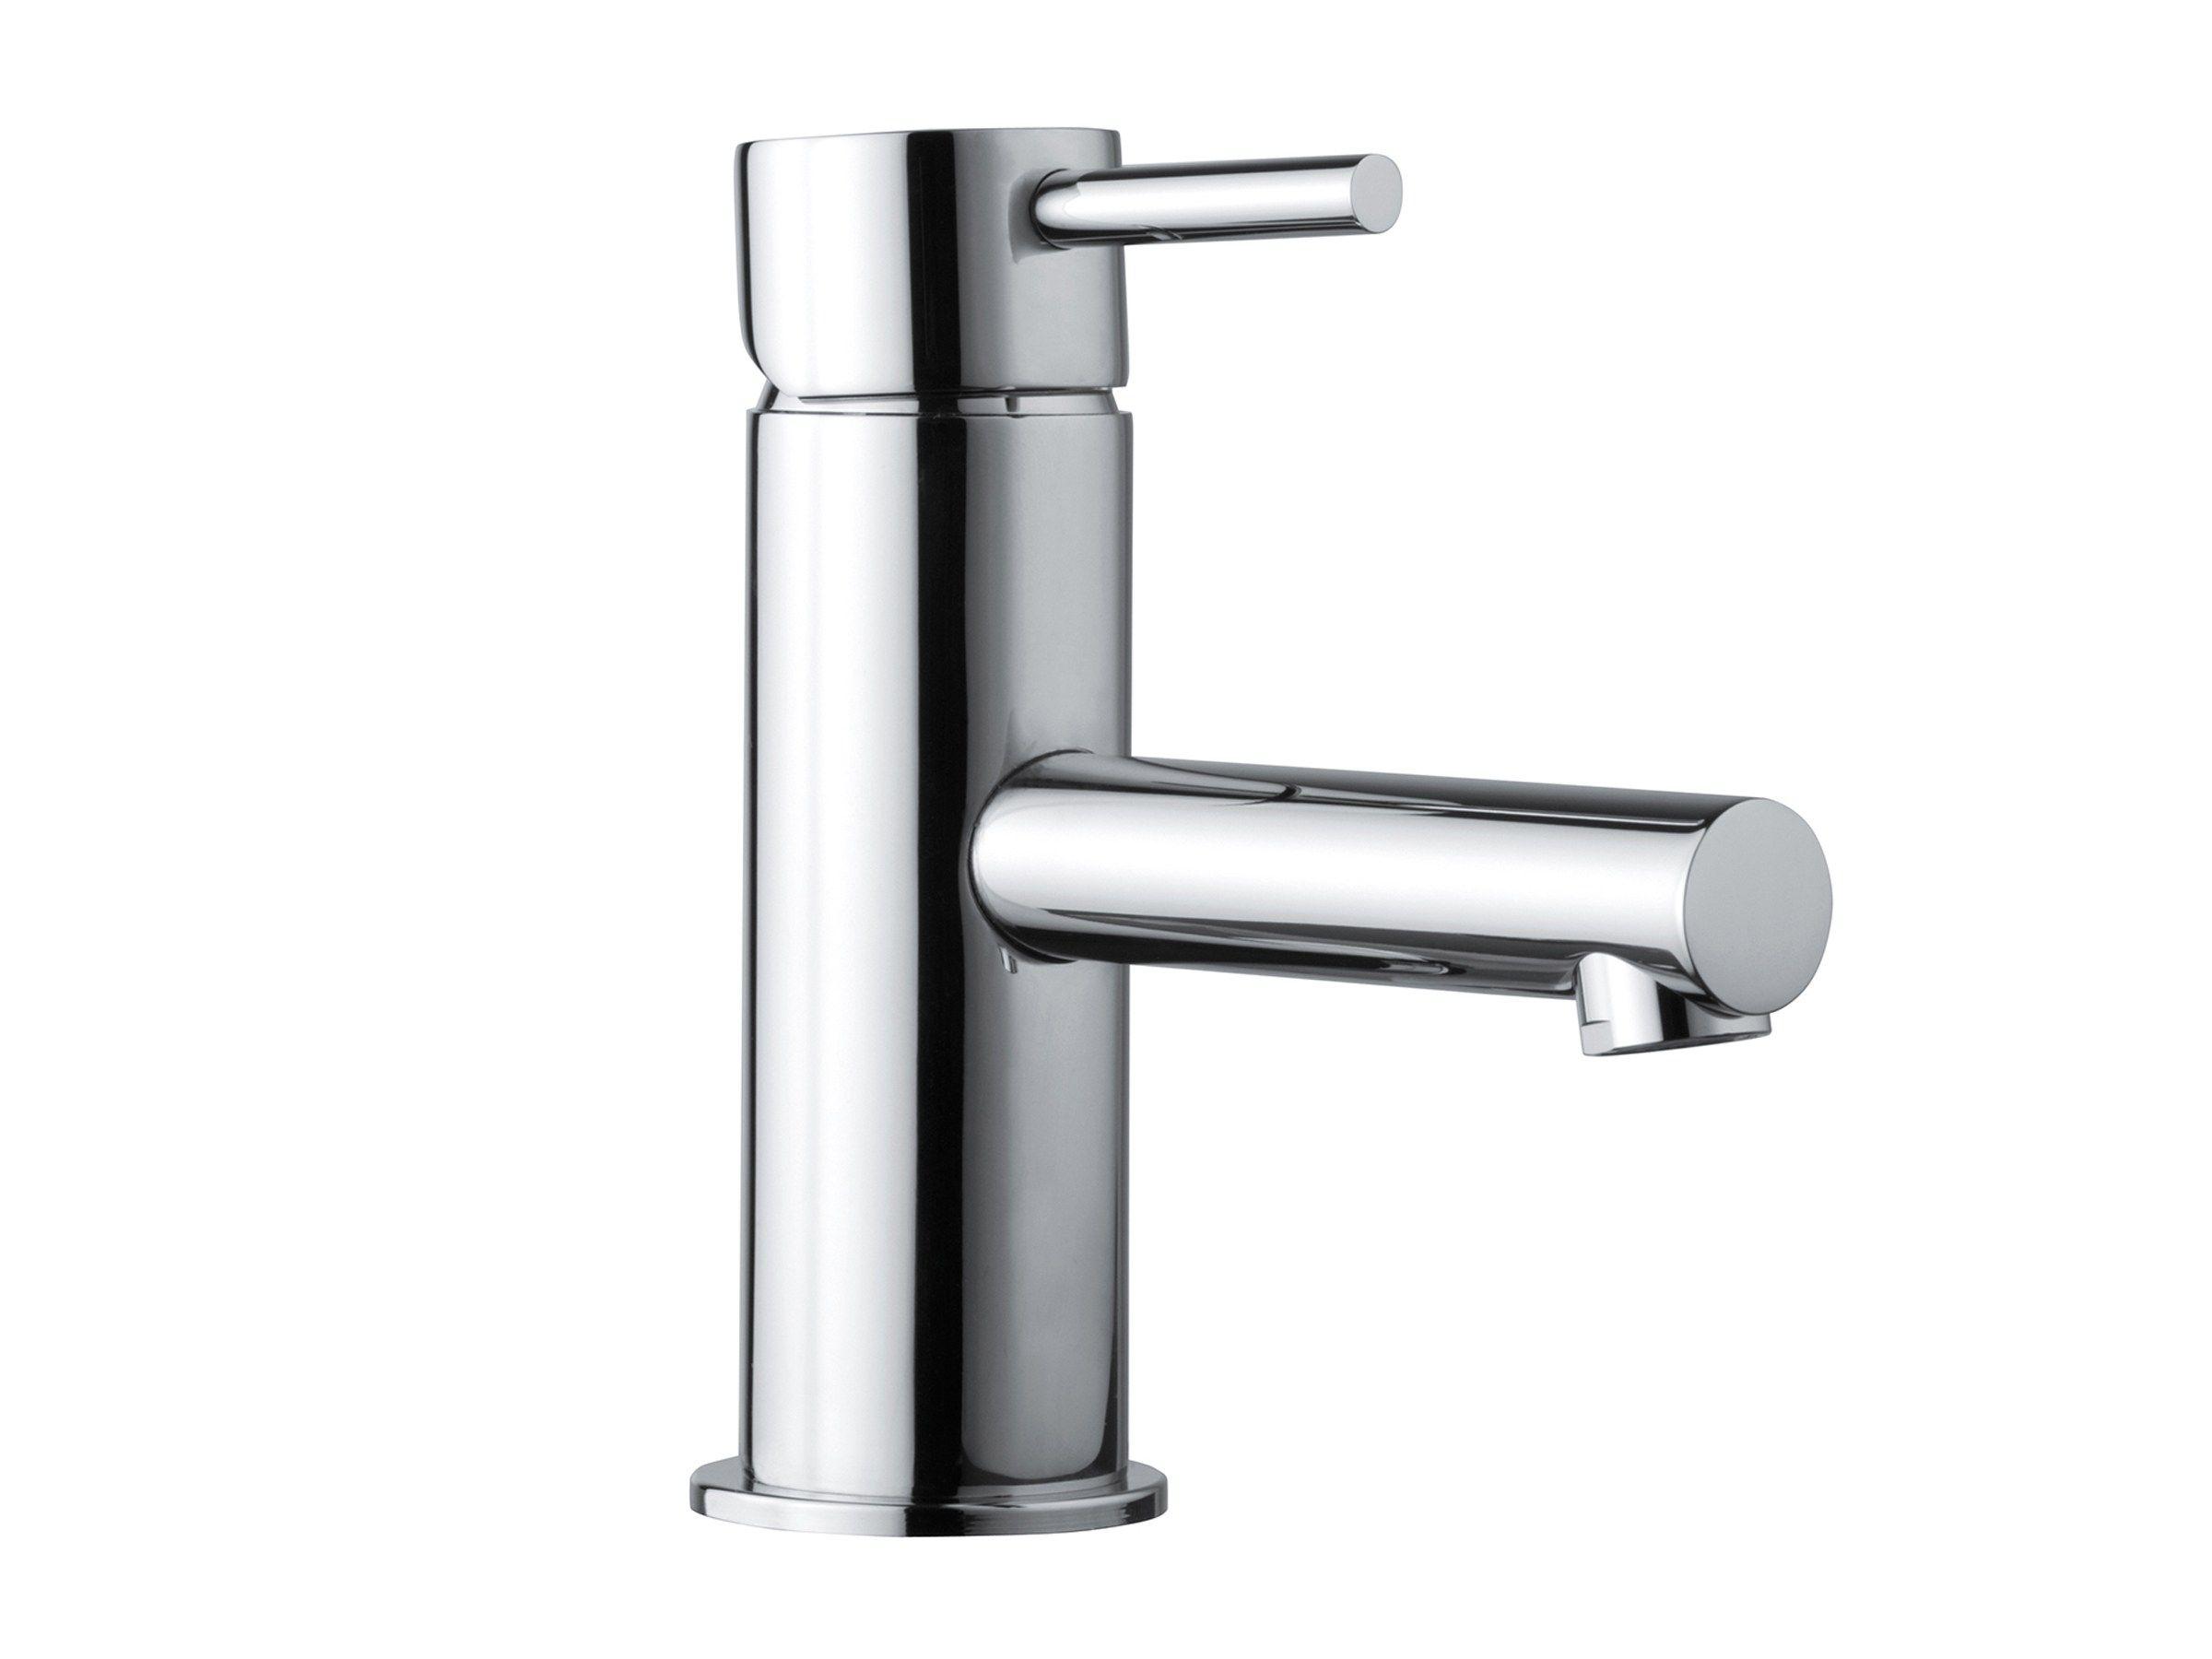 Mitigeur baignoire douche pas cher - Combine baignoire douche pas cher ...